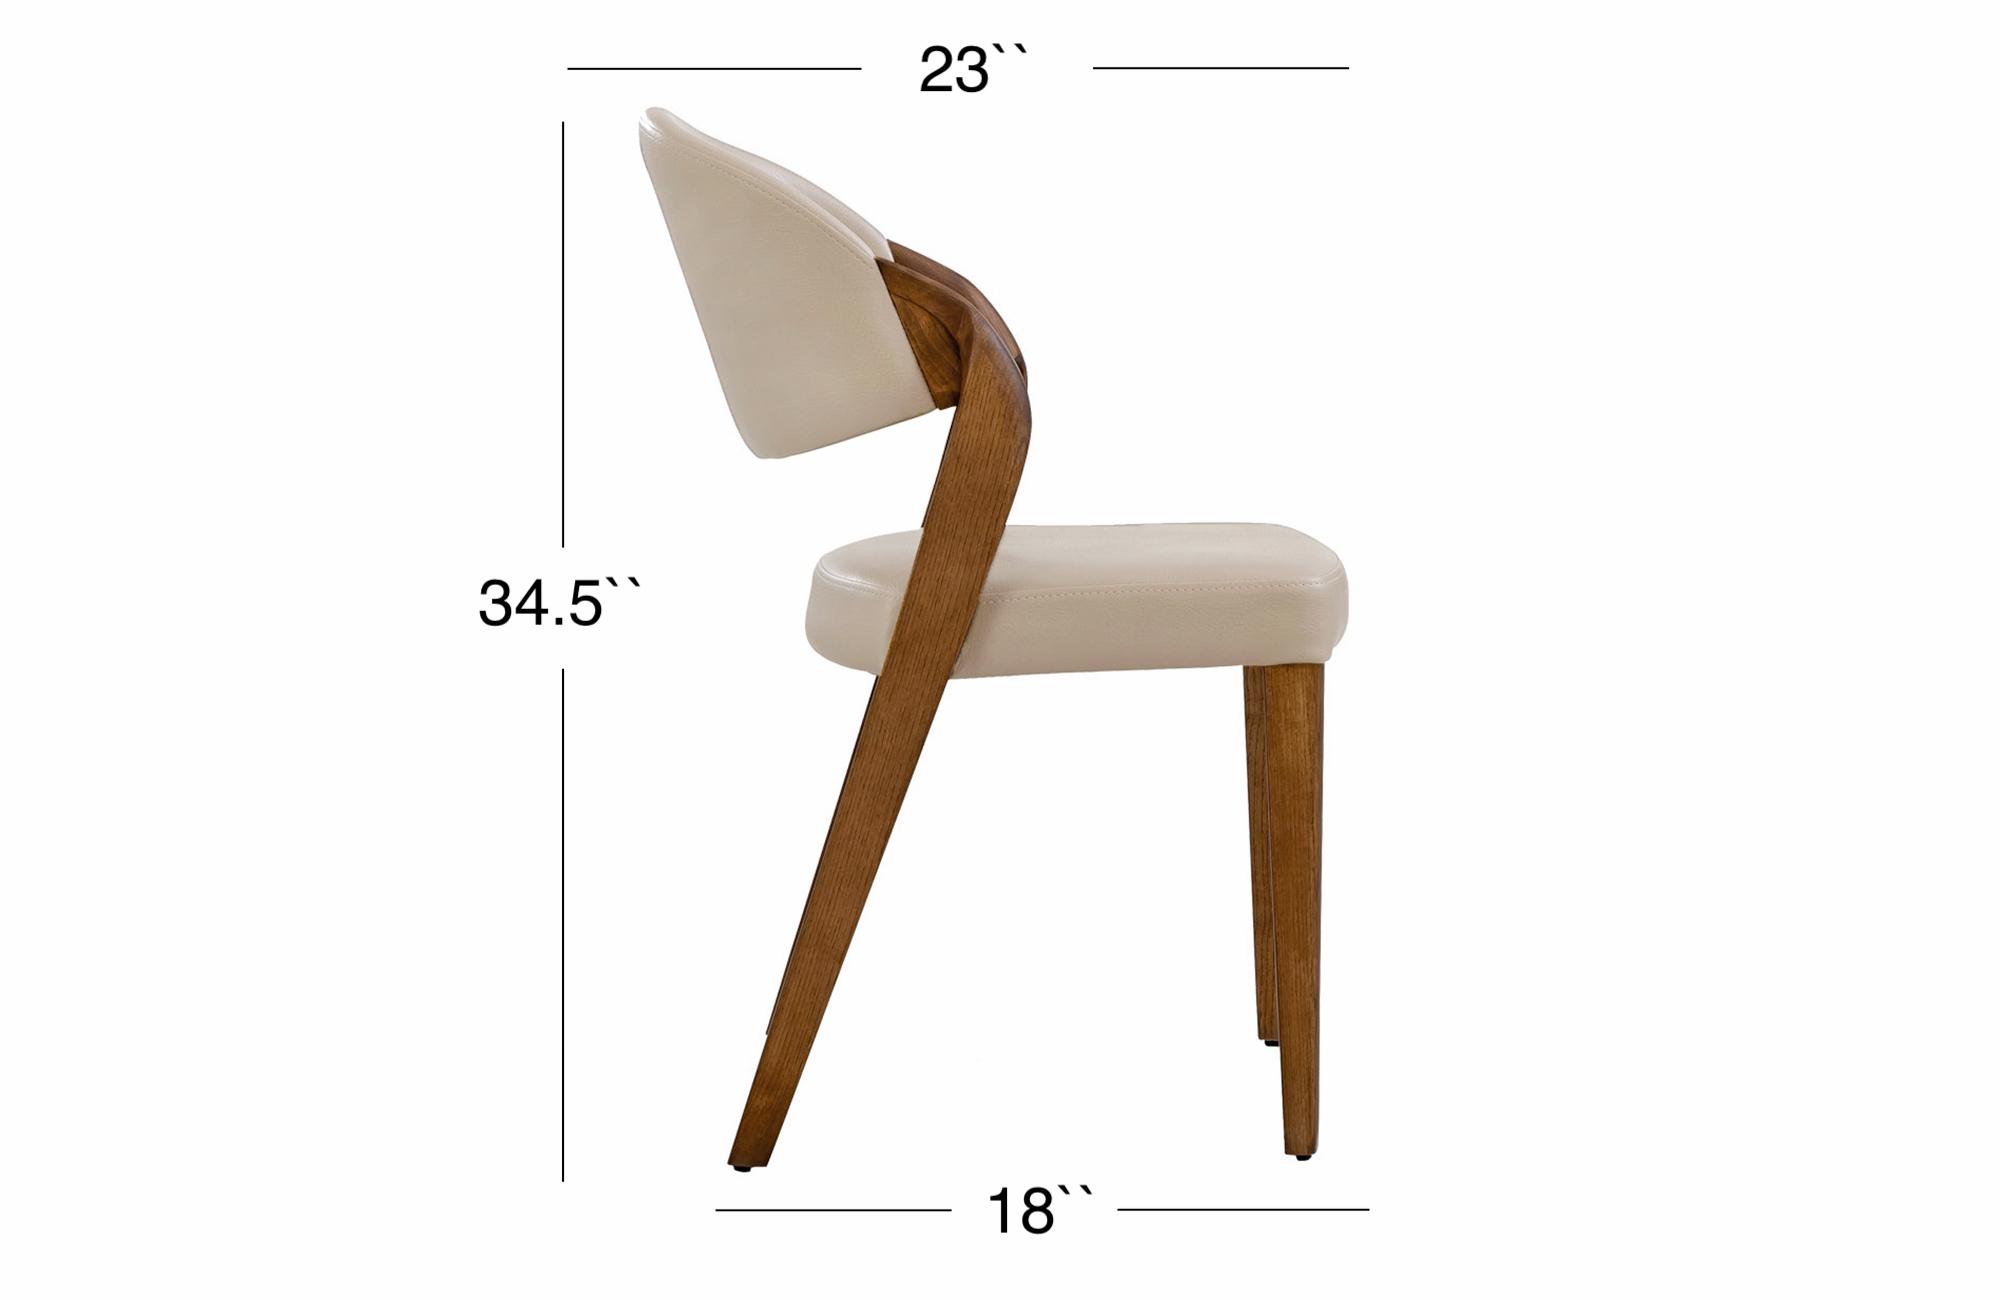 Pandora Dining Chair - Beige